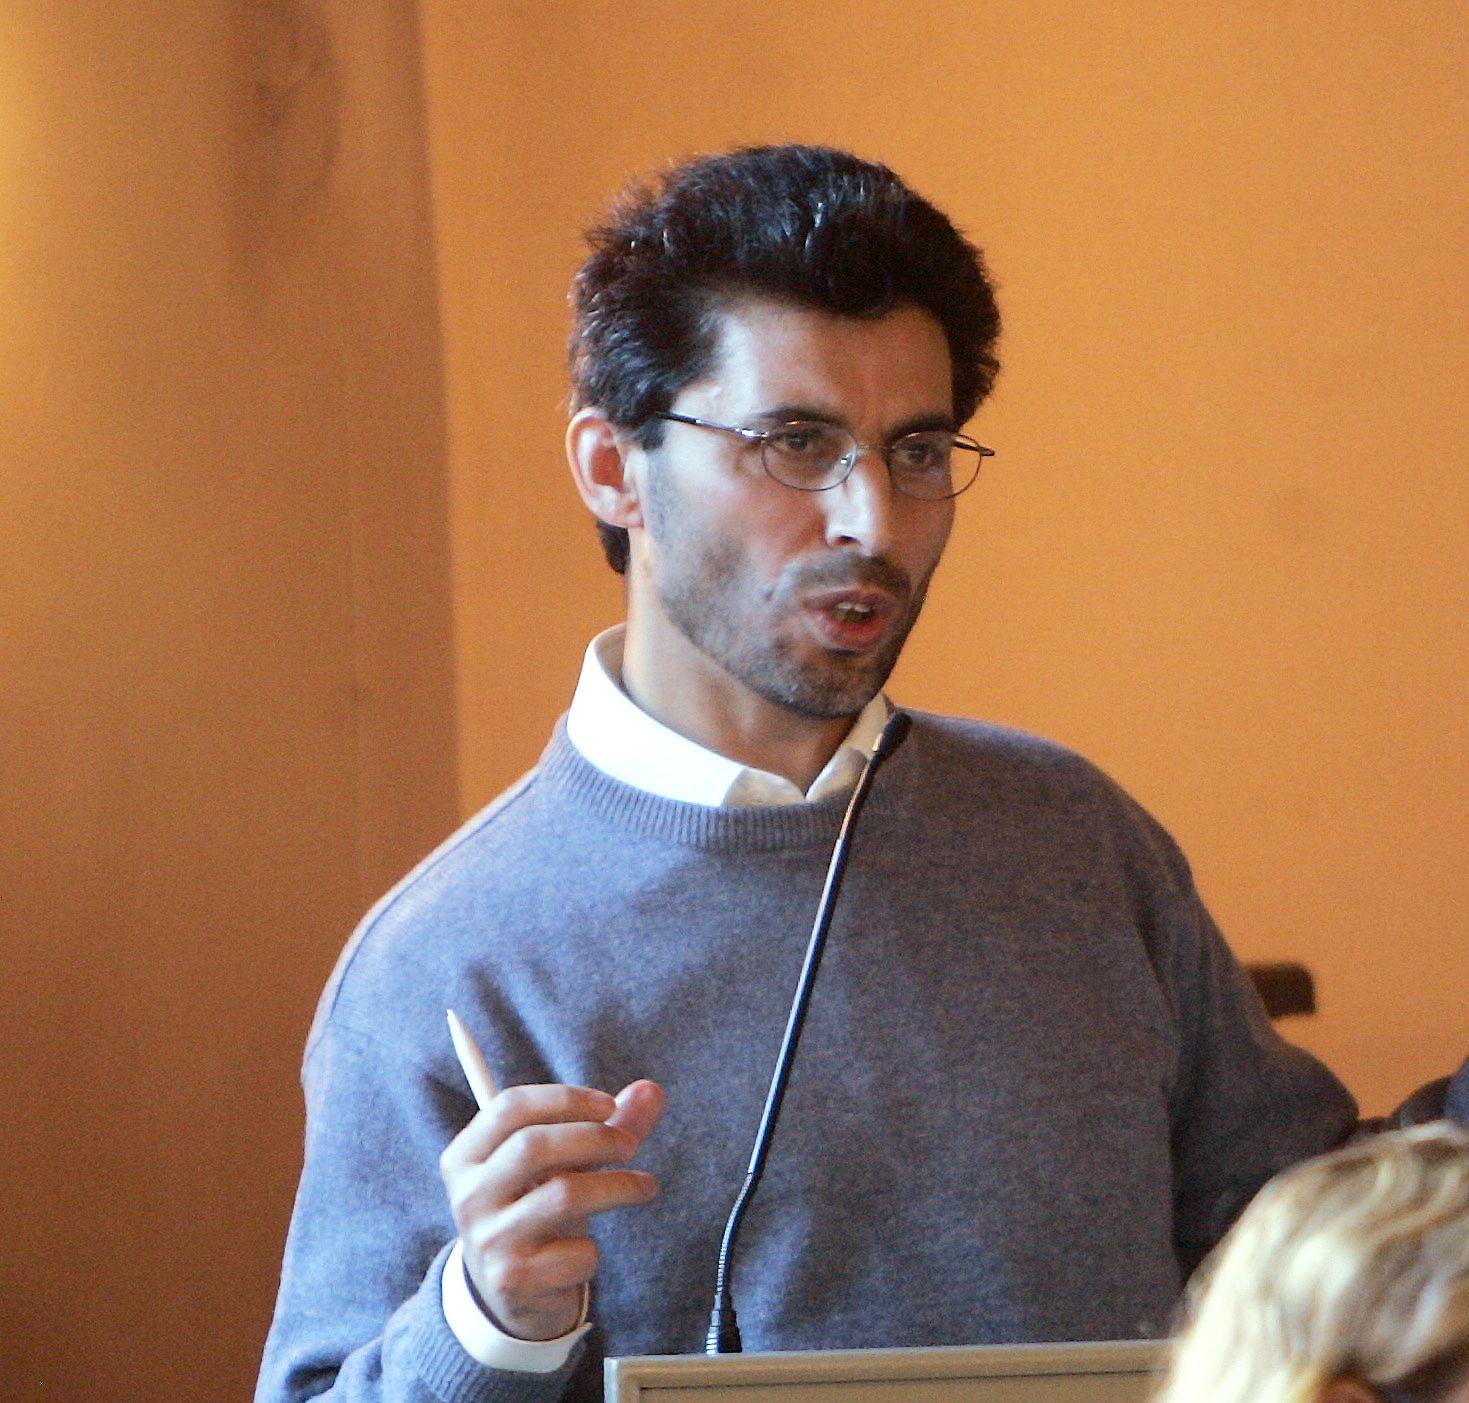 FEIL VEI Å GÅ: Basim Ghozlan mener man kan spørre trossamfunn om hjelp, men ikke stille slike krav.